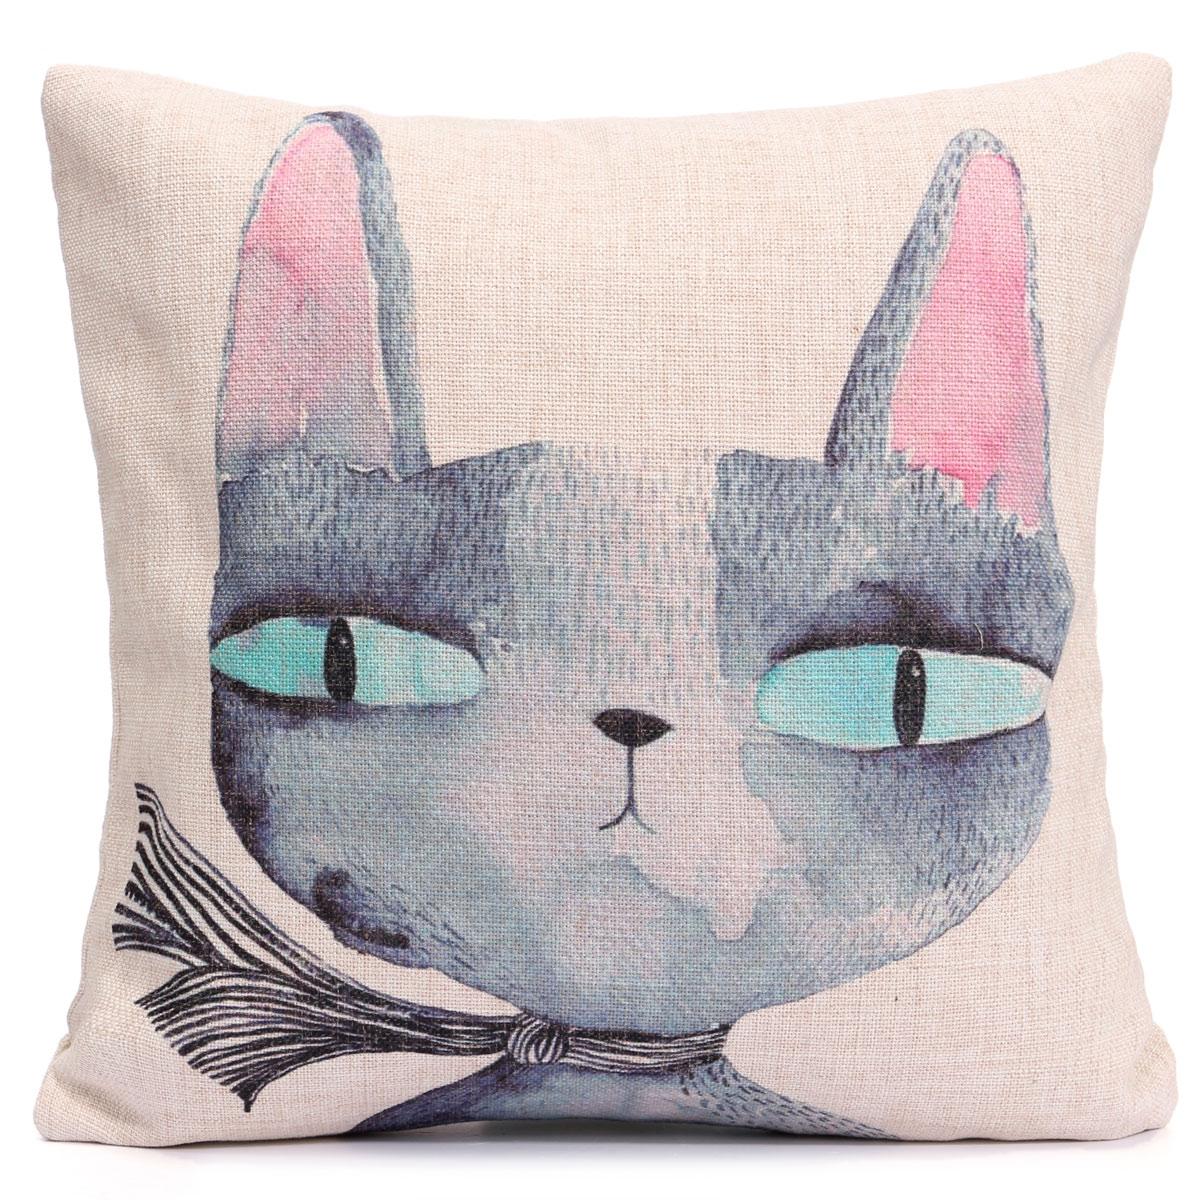 Chein chat animal housse de coussin canap taie d 39 oreiller - Housse coussin de canape ...